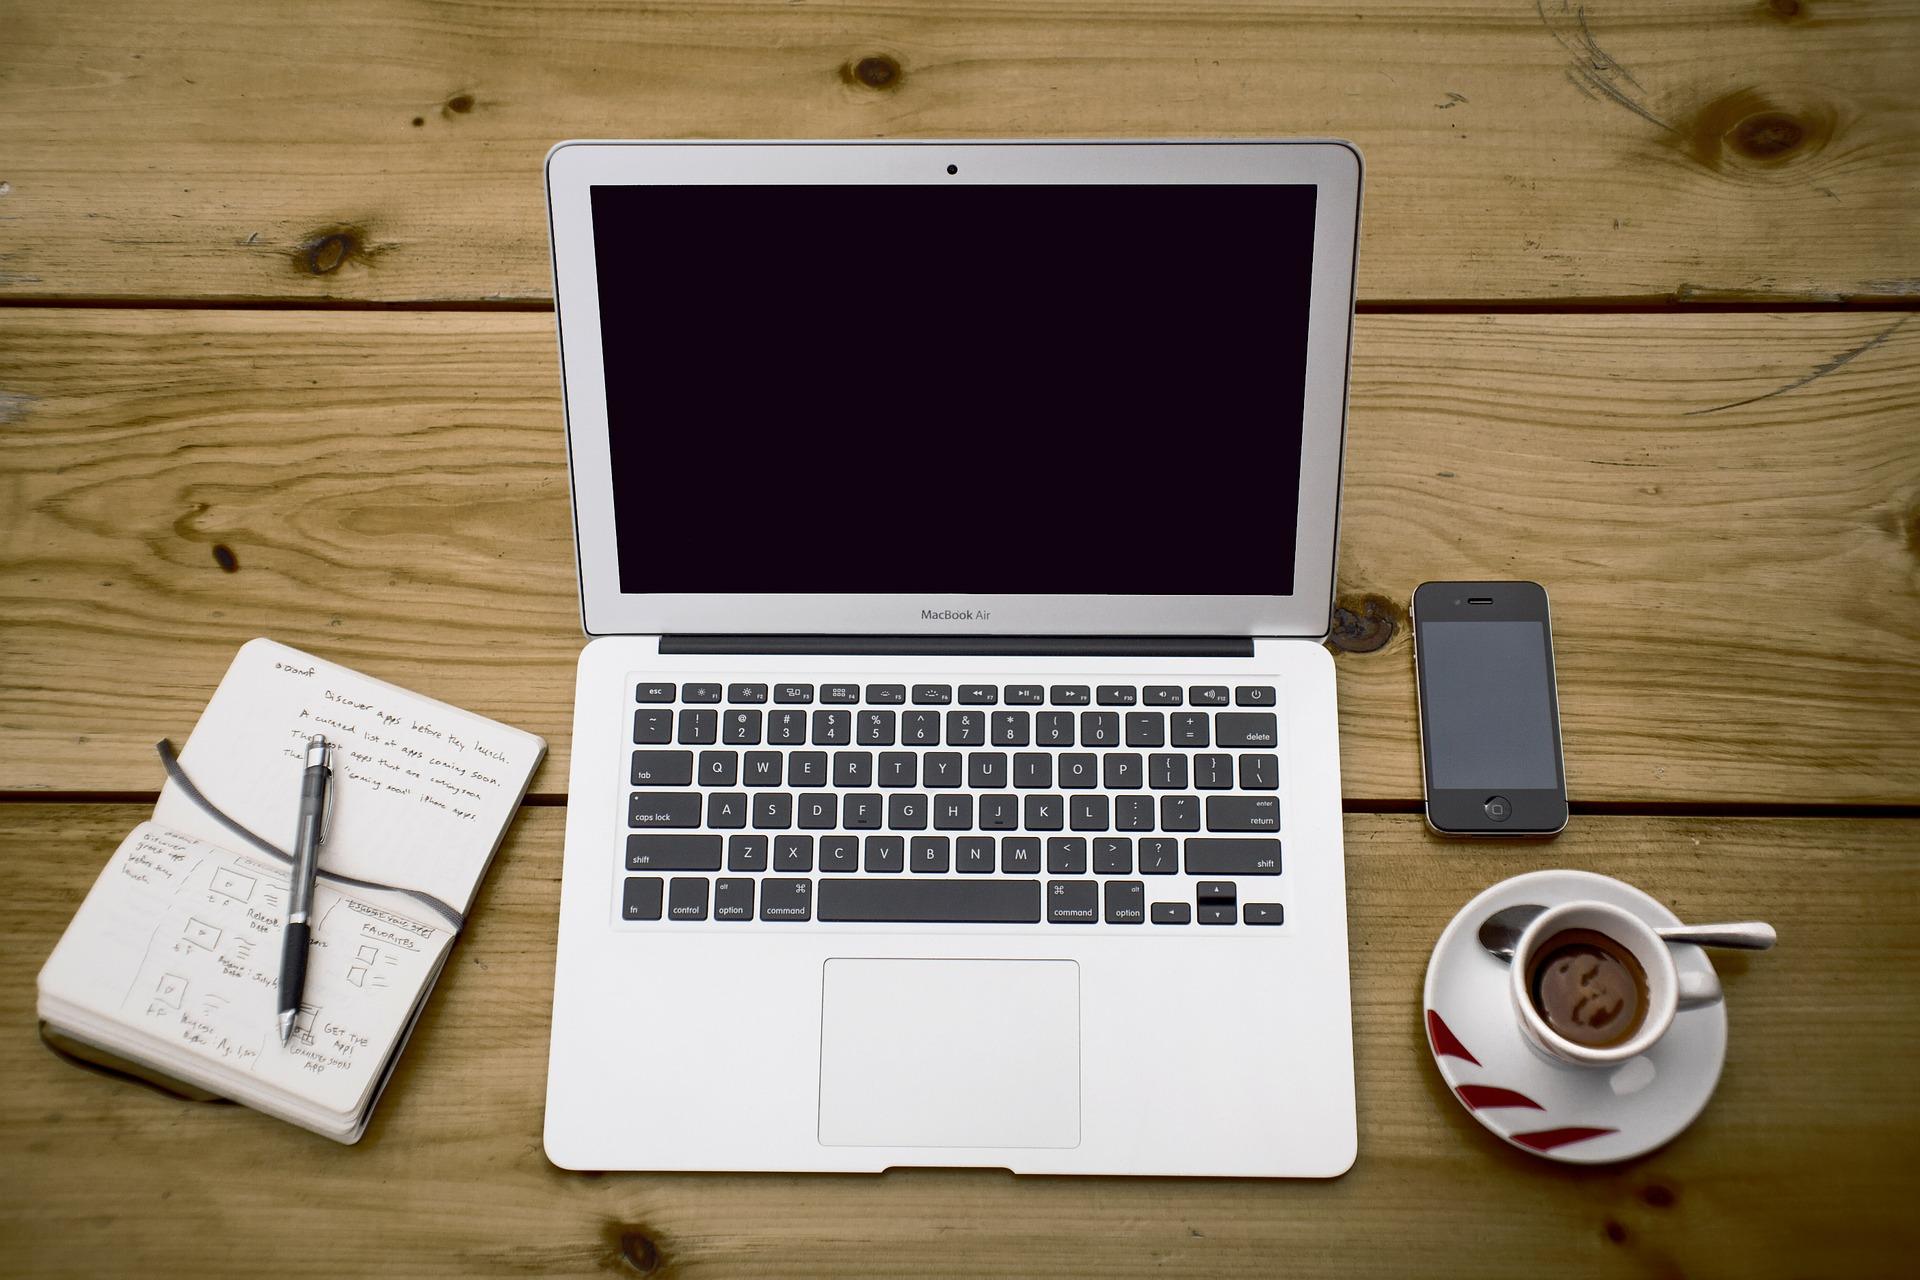 クラウドワークスでブログ記事を執筆して慣れればプロクラウドワーカーになって月5万は最低稼げる?賢く稼ぐ5つのワザ 【他の在宅ワークサイトでの応用も】